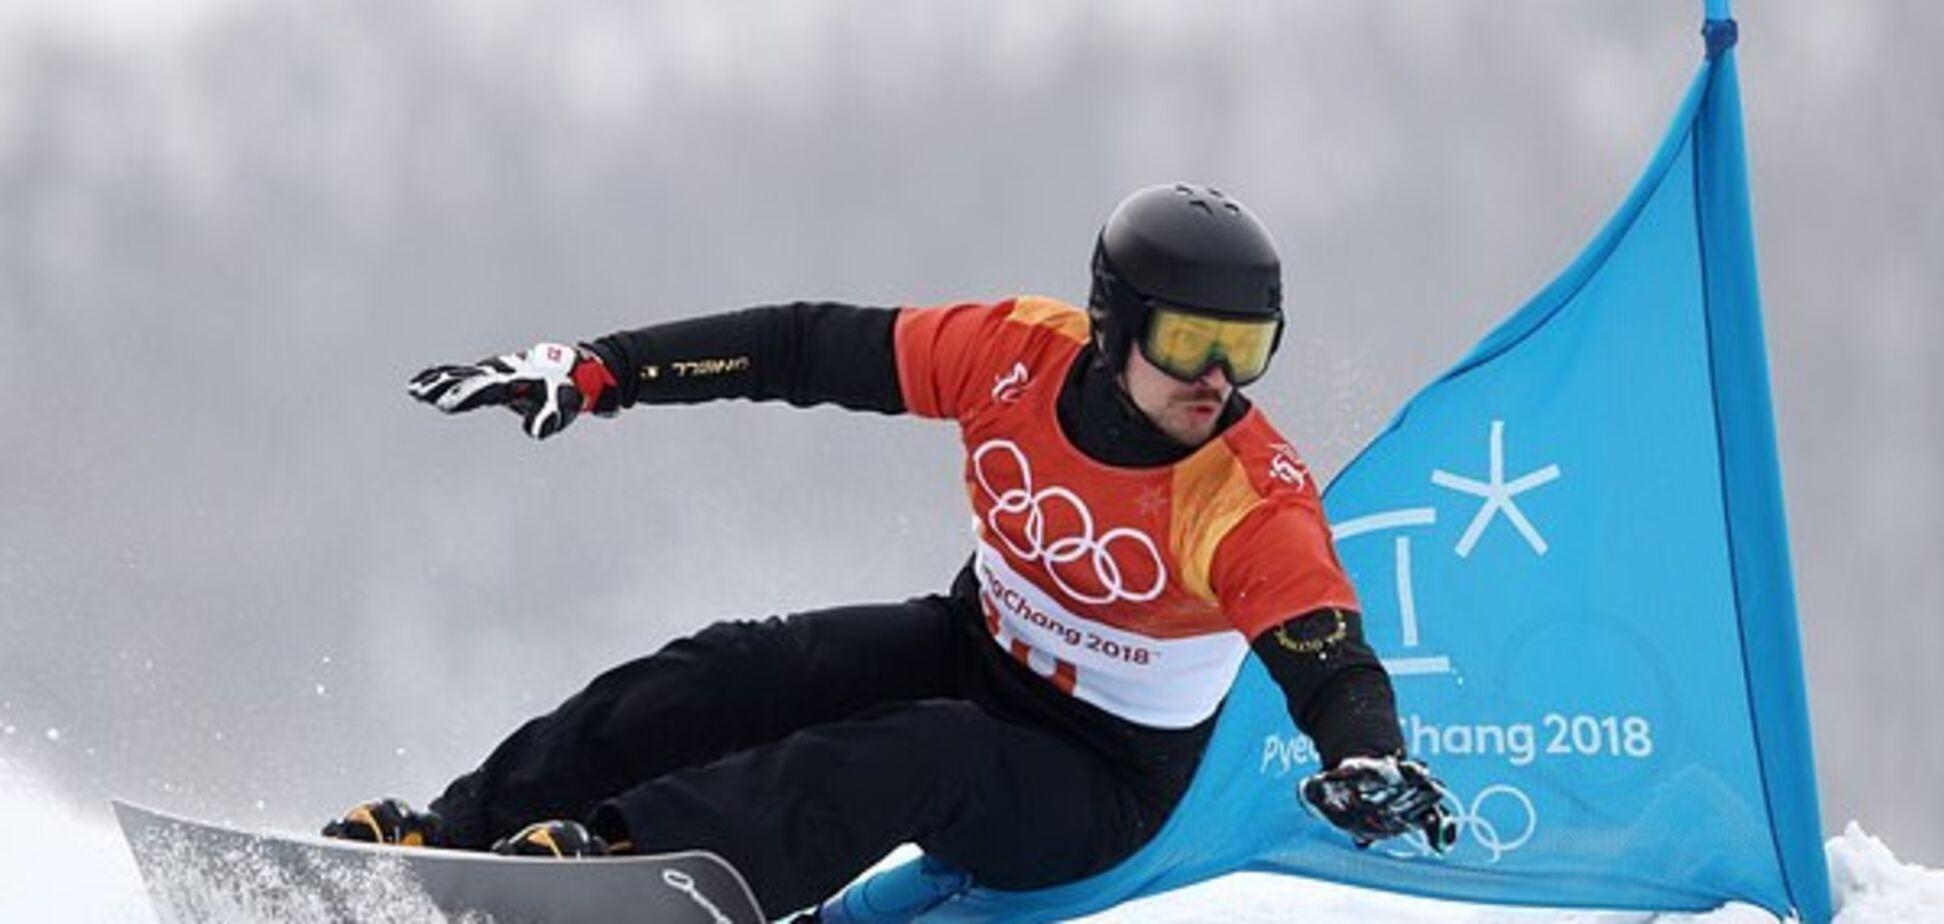 'Почуття ізгоя': російський атлет поскаржився на сором і приниження на Олімпіаді-2018